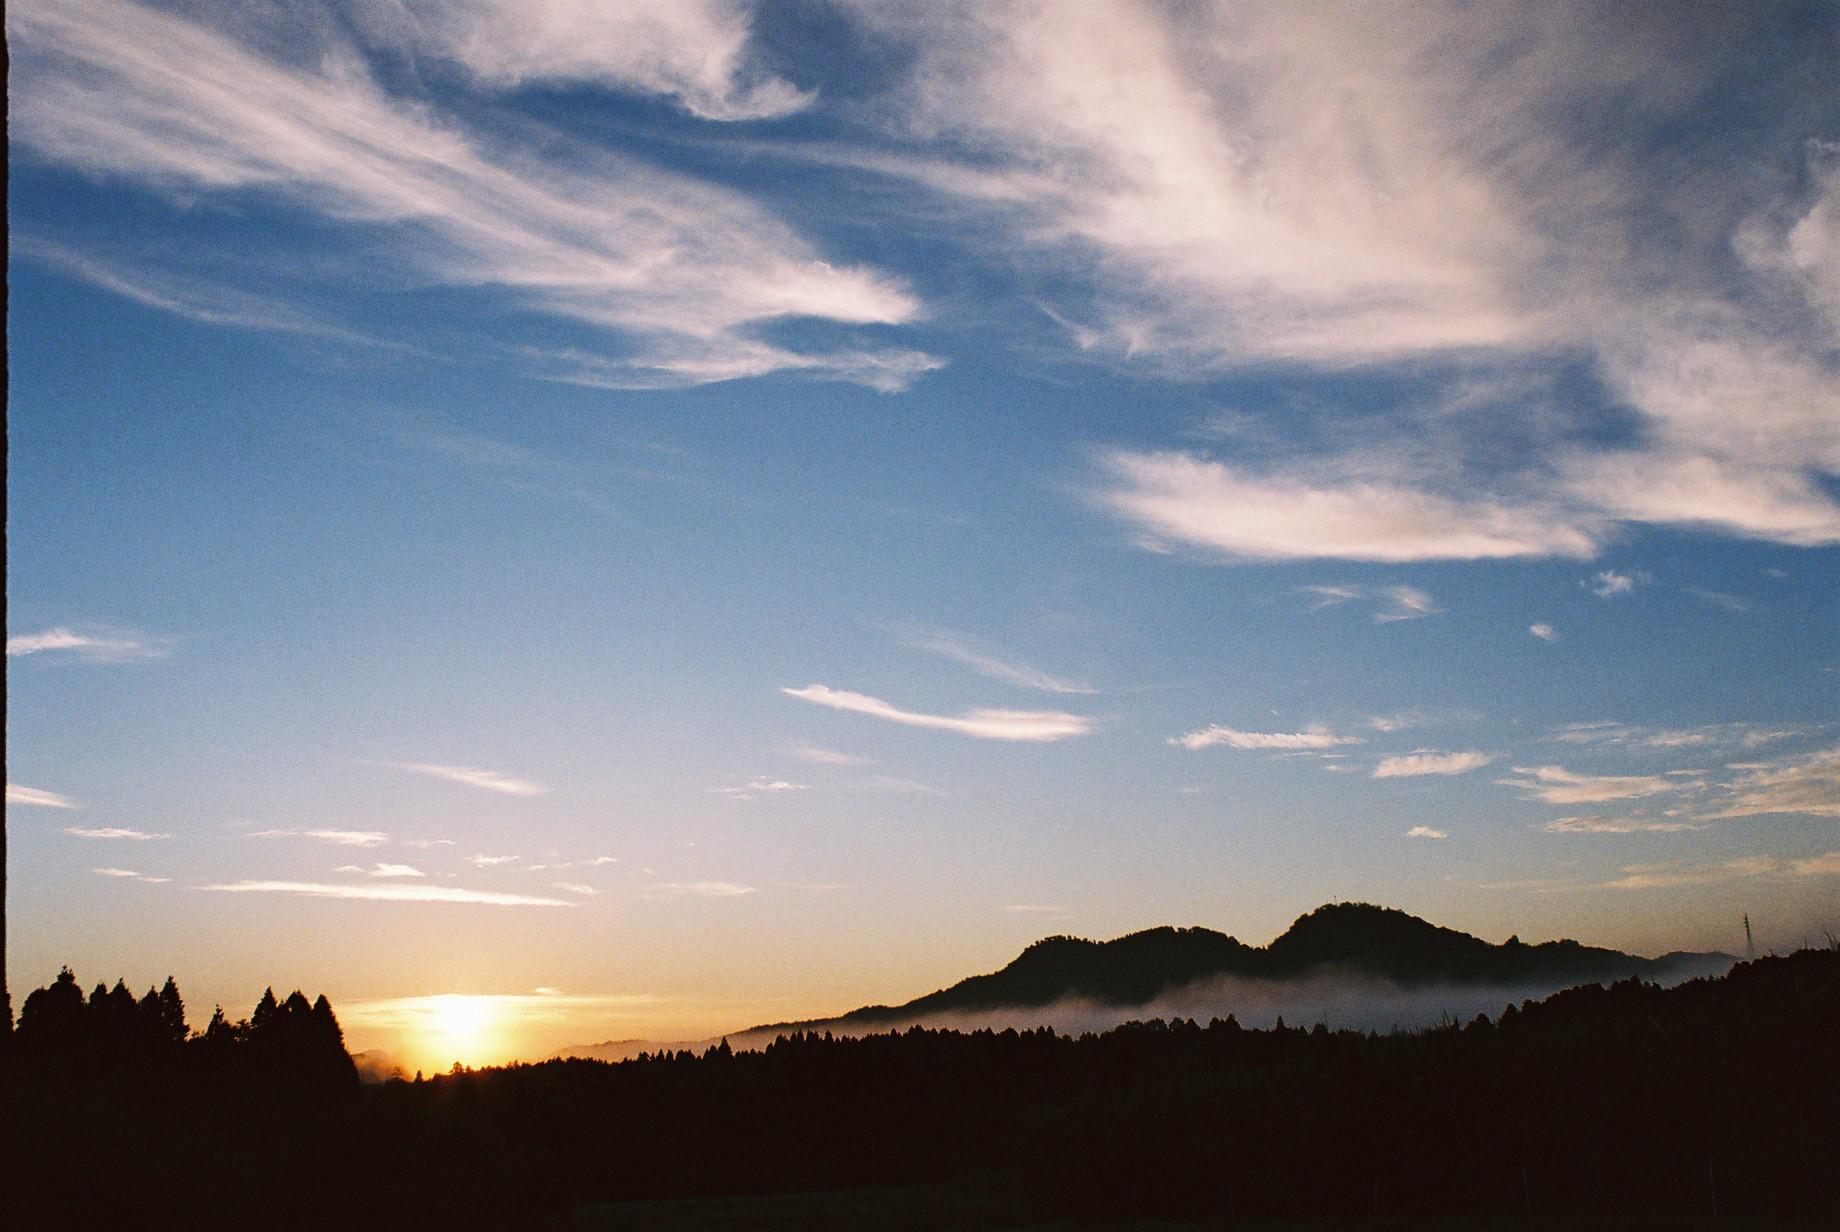 聖なる山・・・白鹿山(はくろくさん)_a0174458_045439.jpg